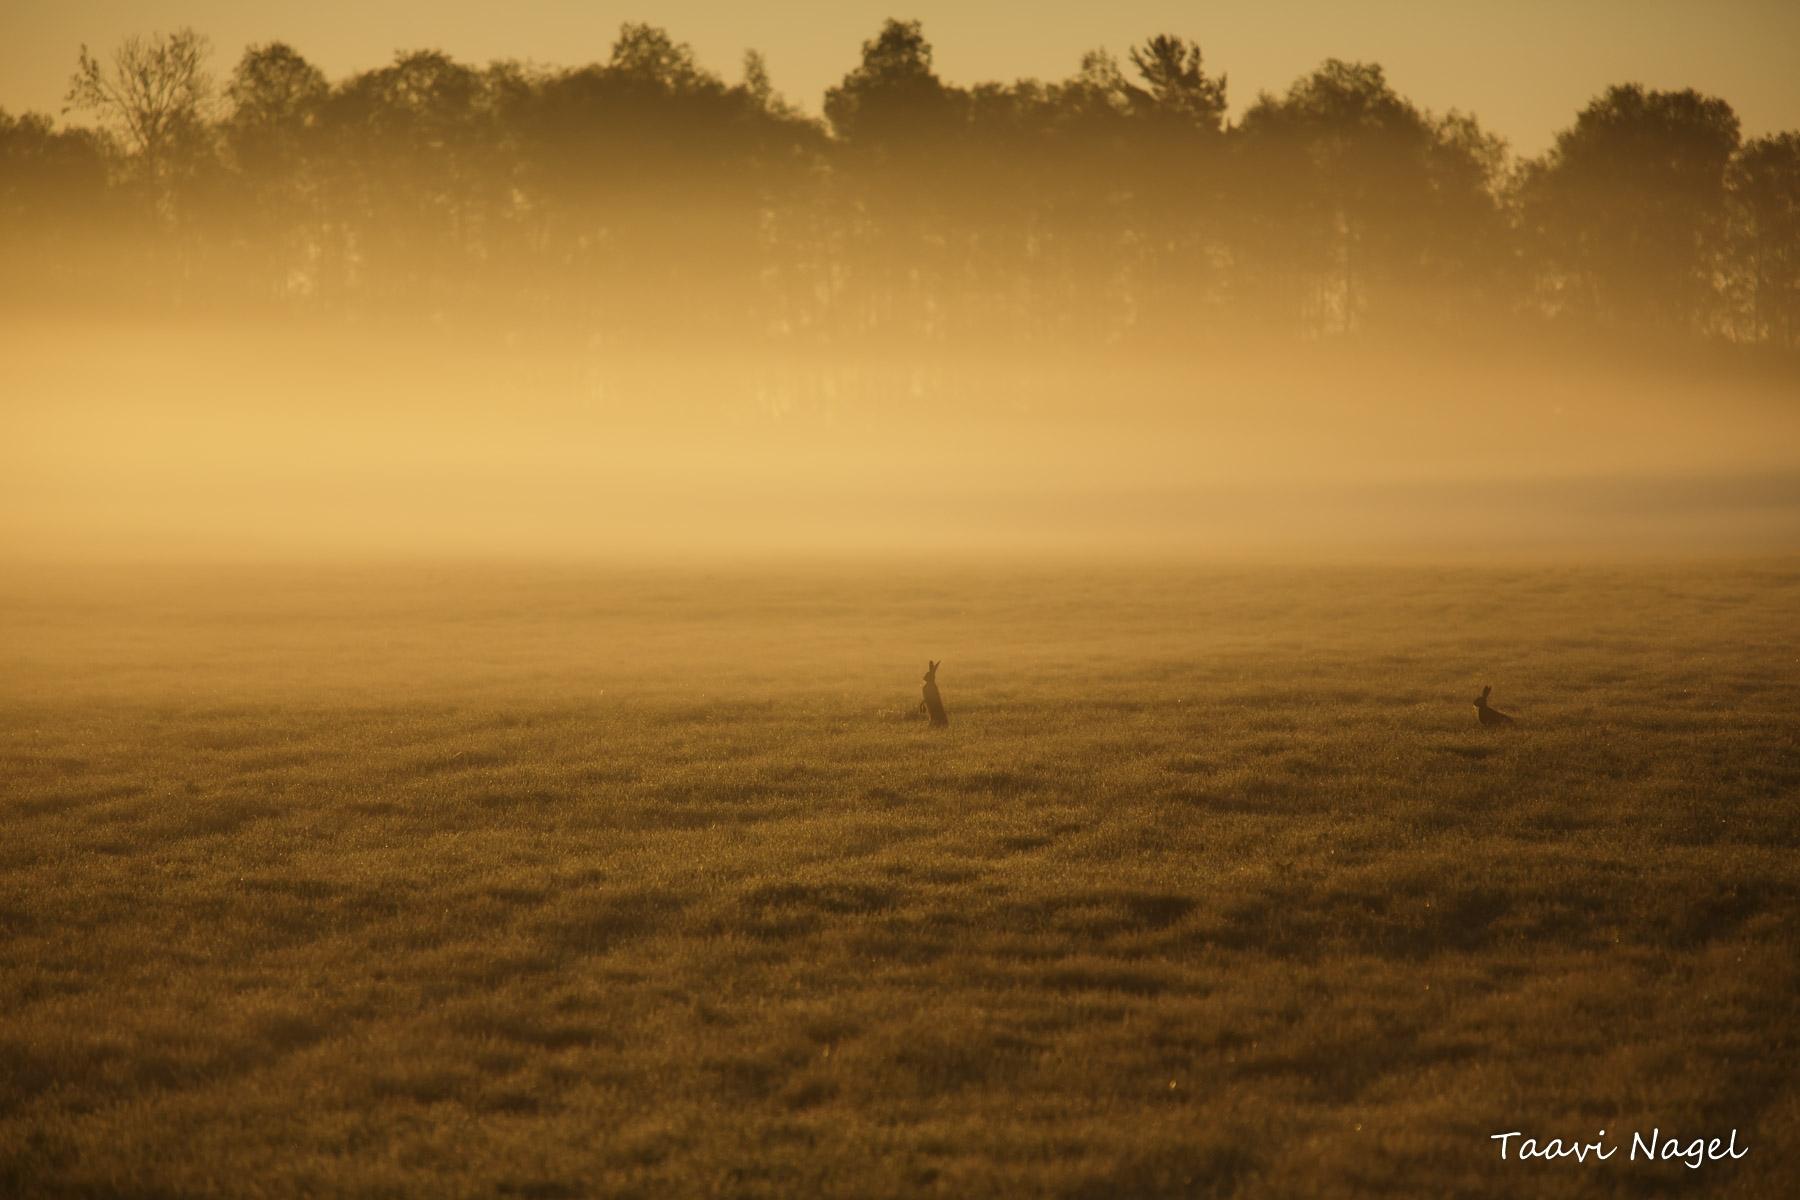 Üks ilusamaid hommikuid, mida minu silmad näinud on...